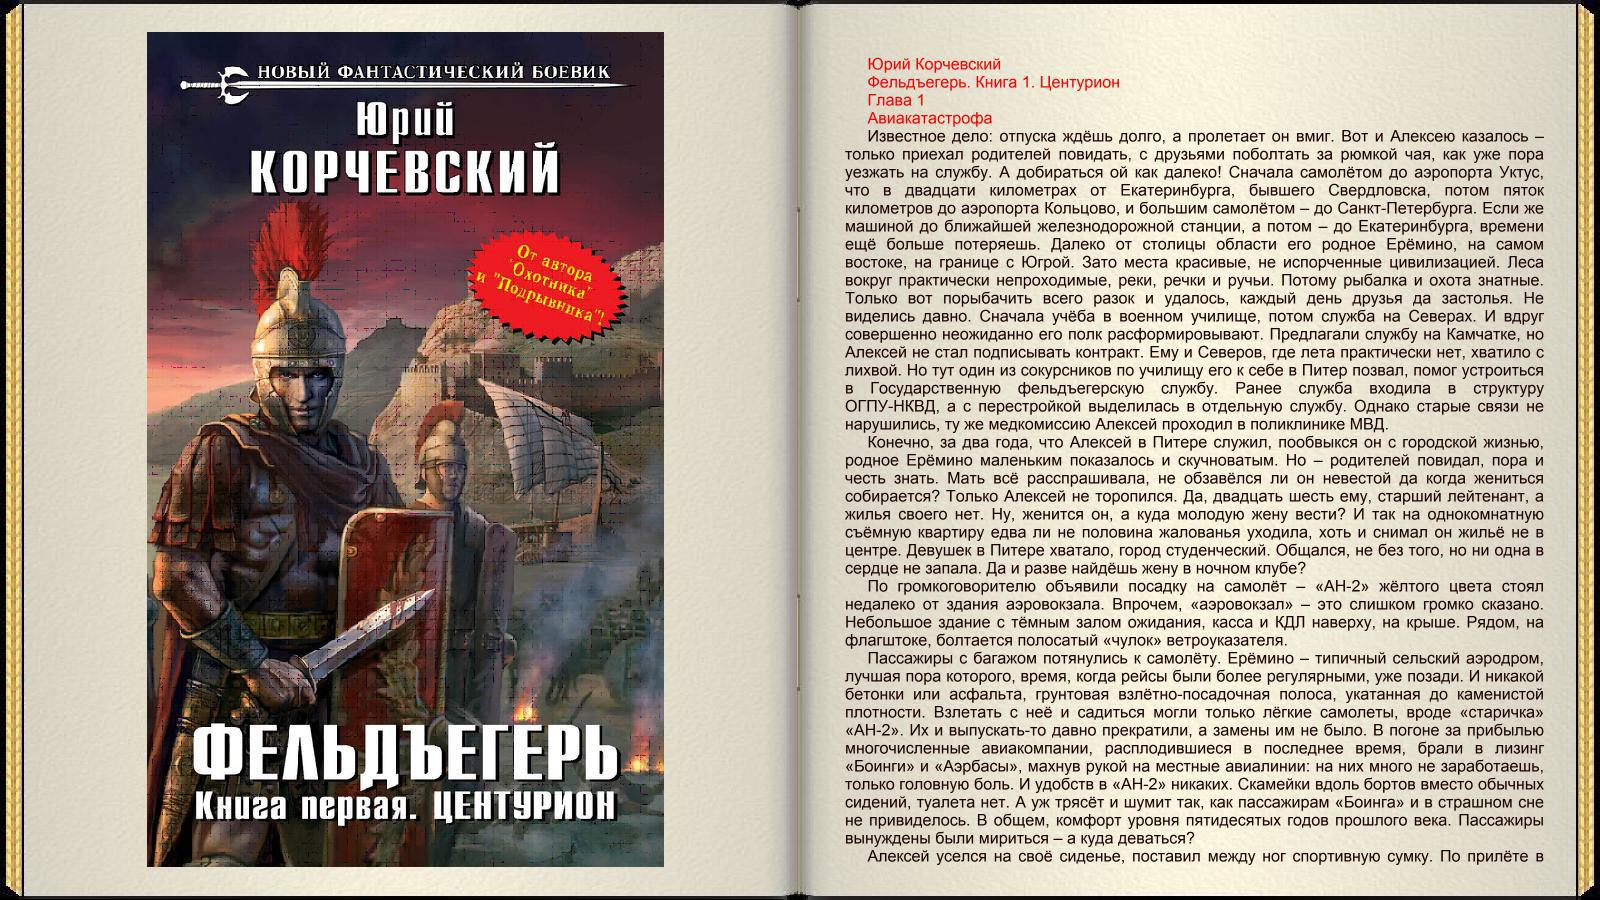 Серия книг: Новый фантастический боевик [129 книг] (2013-2017/FB2)